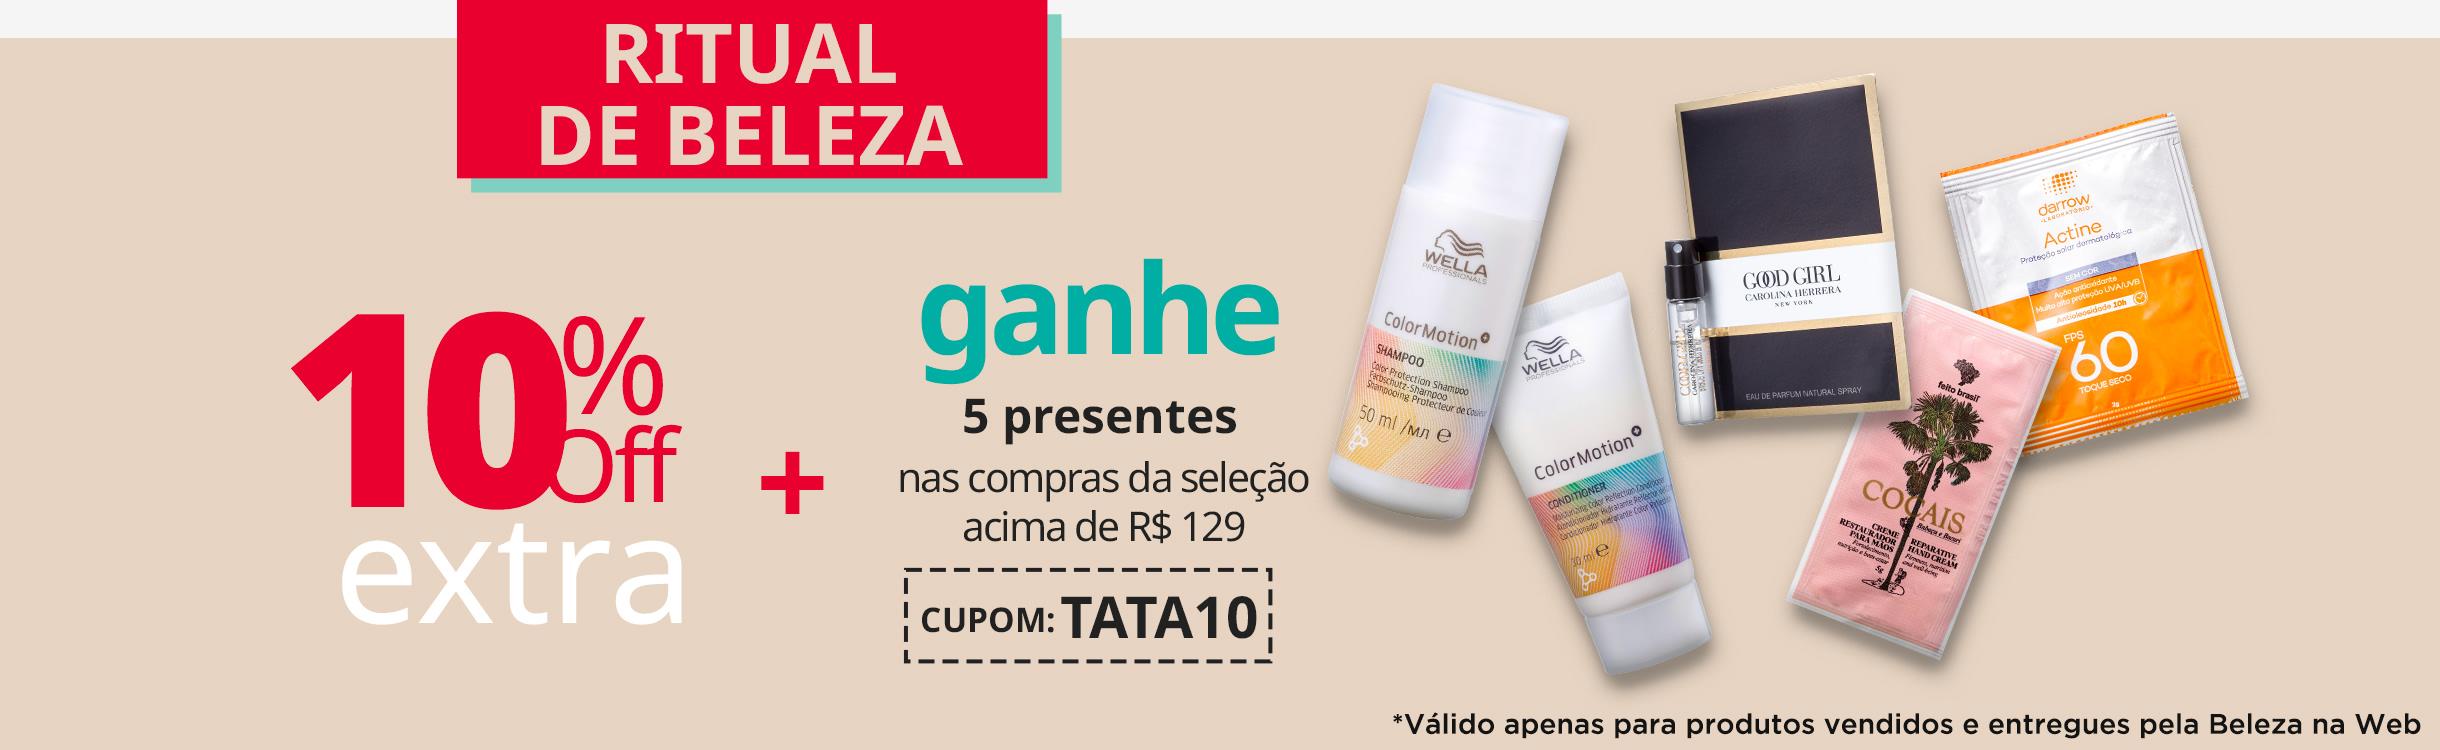 Tata Shop   Ritual de Beleza